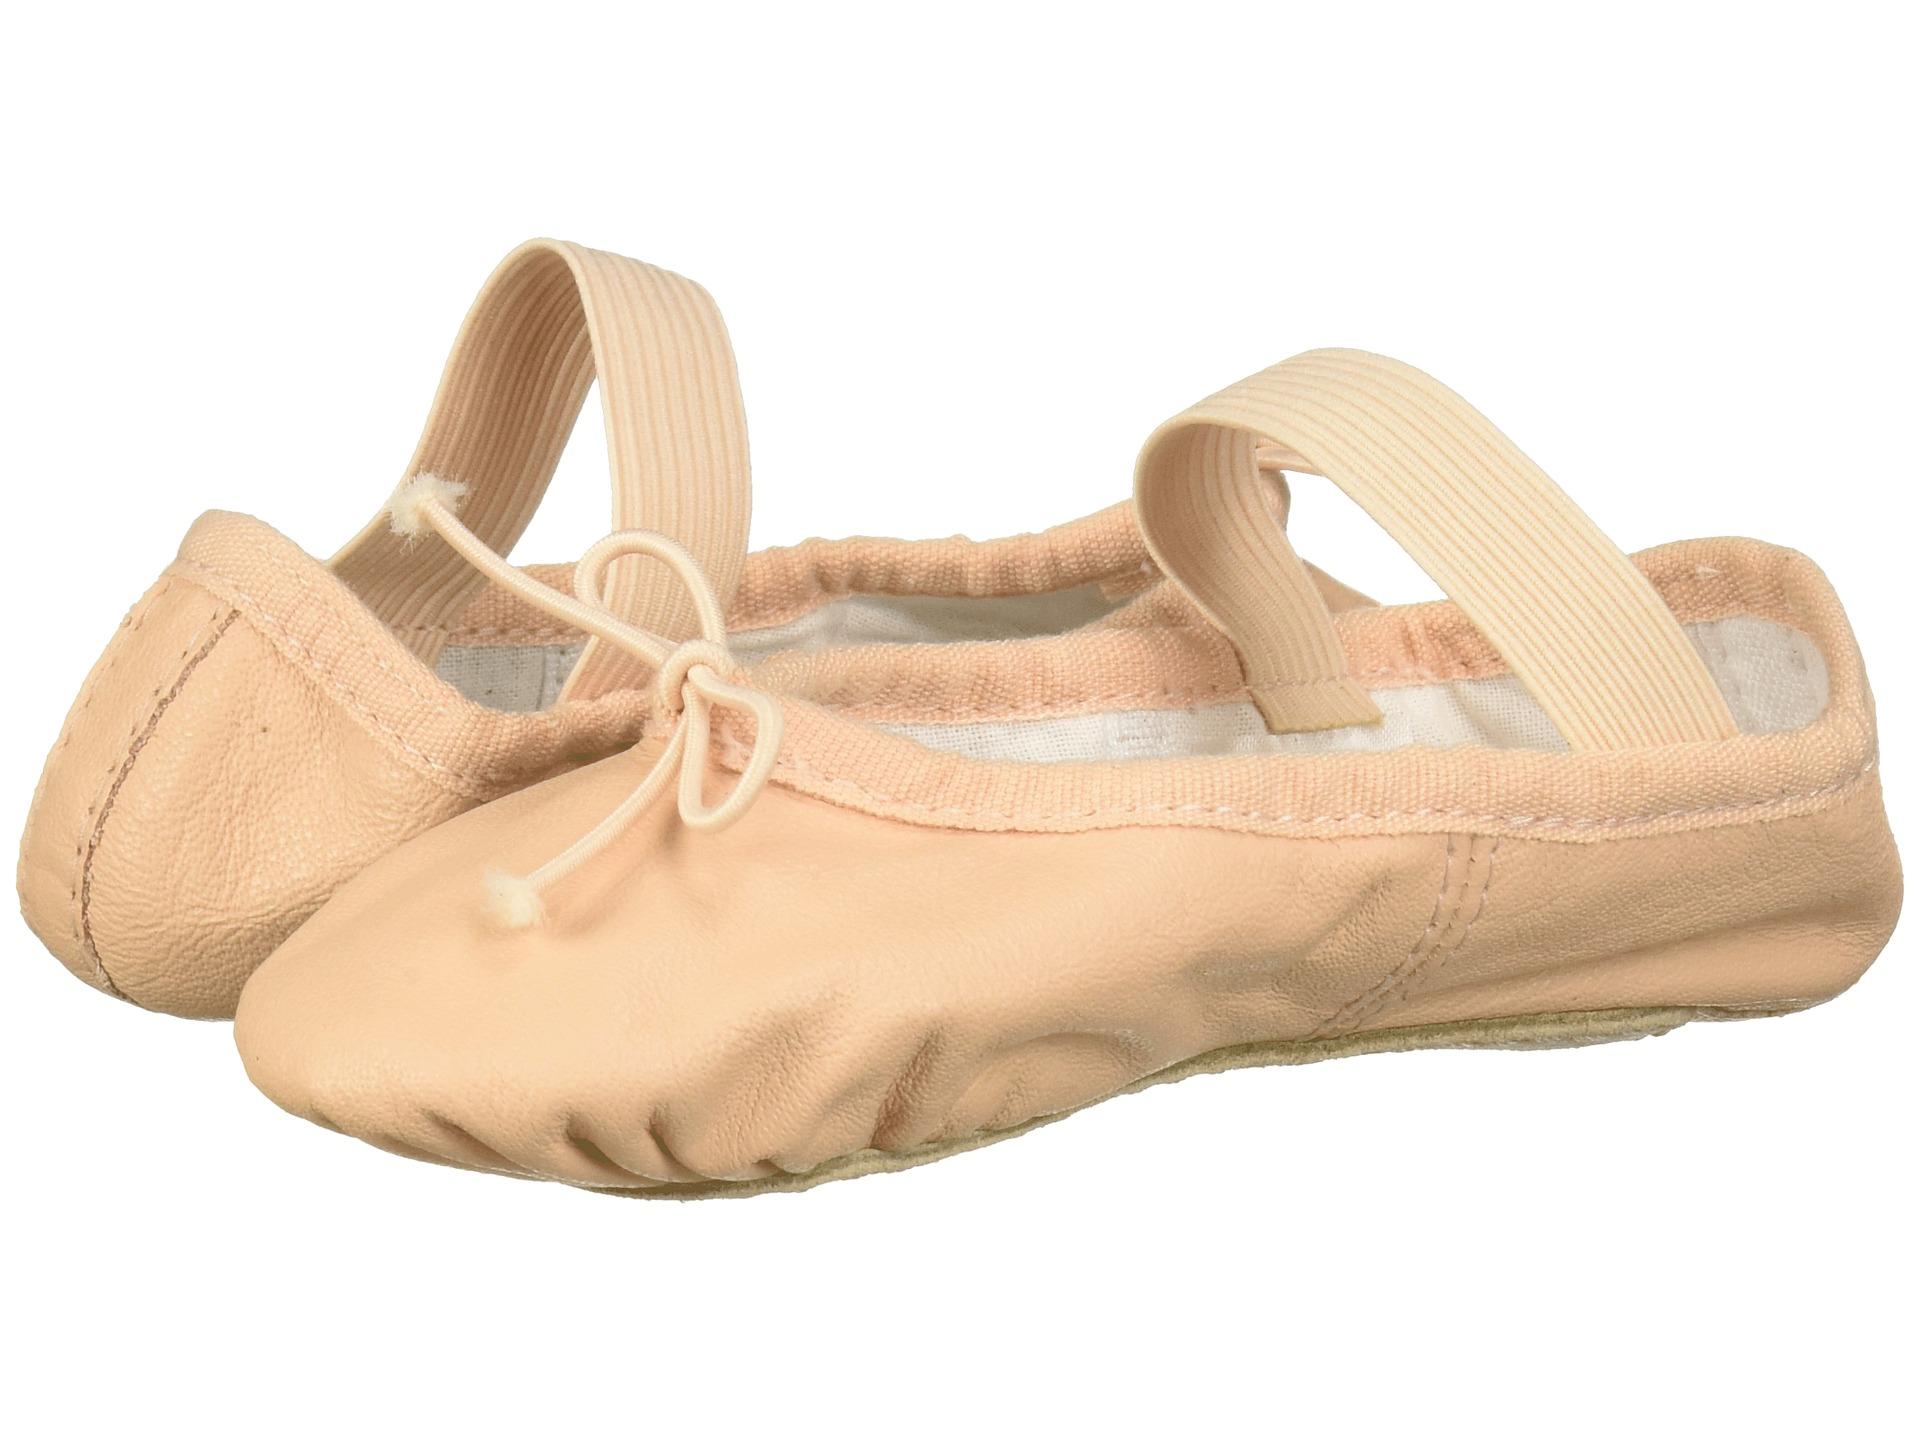 Split Leather Toddler Ballet Shoes